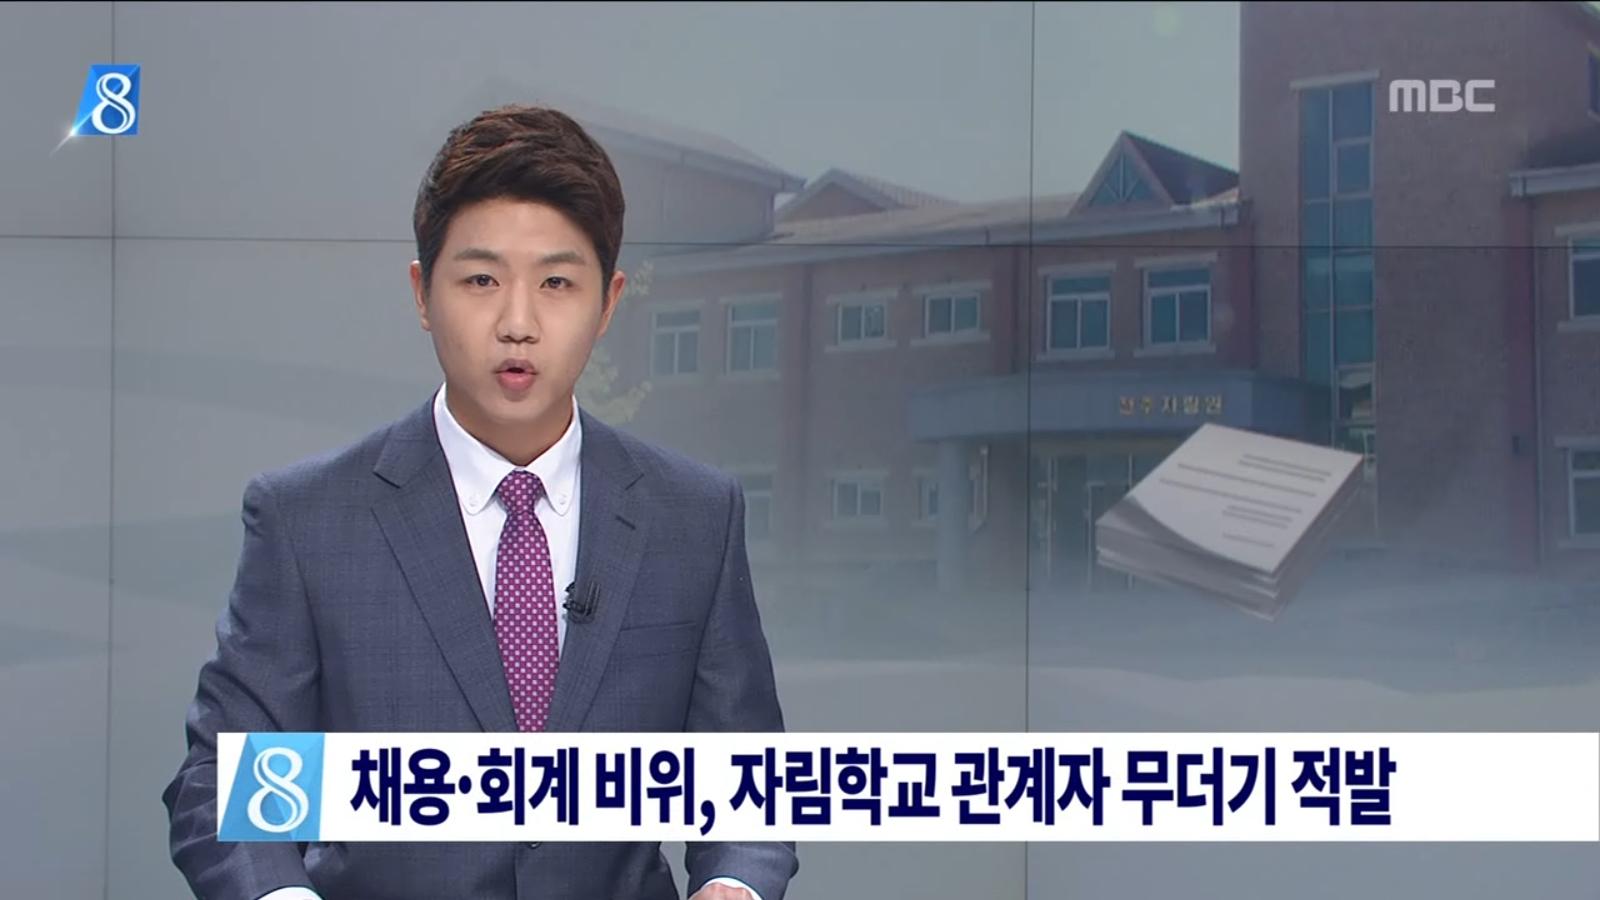 [15.2.13 전주MBC] 전북교육청, 전주 자림학교 감사결과 발표1.jpg